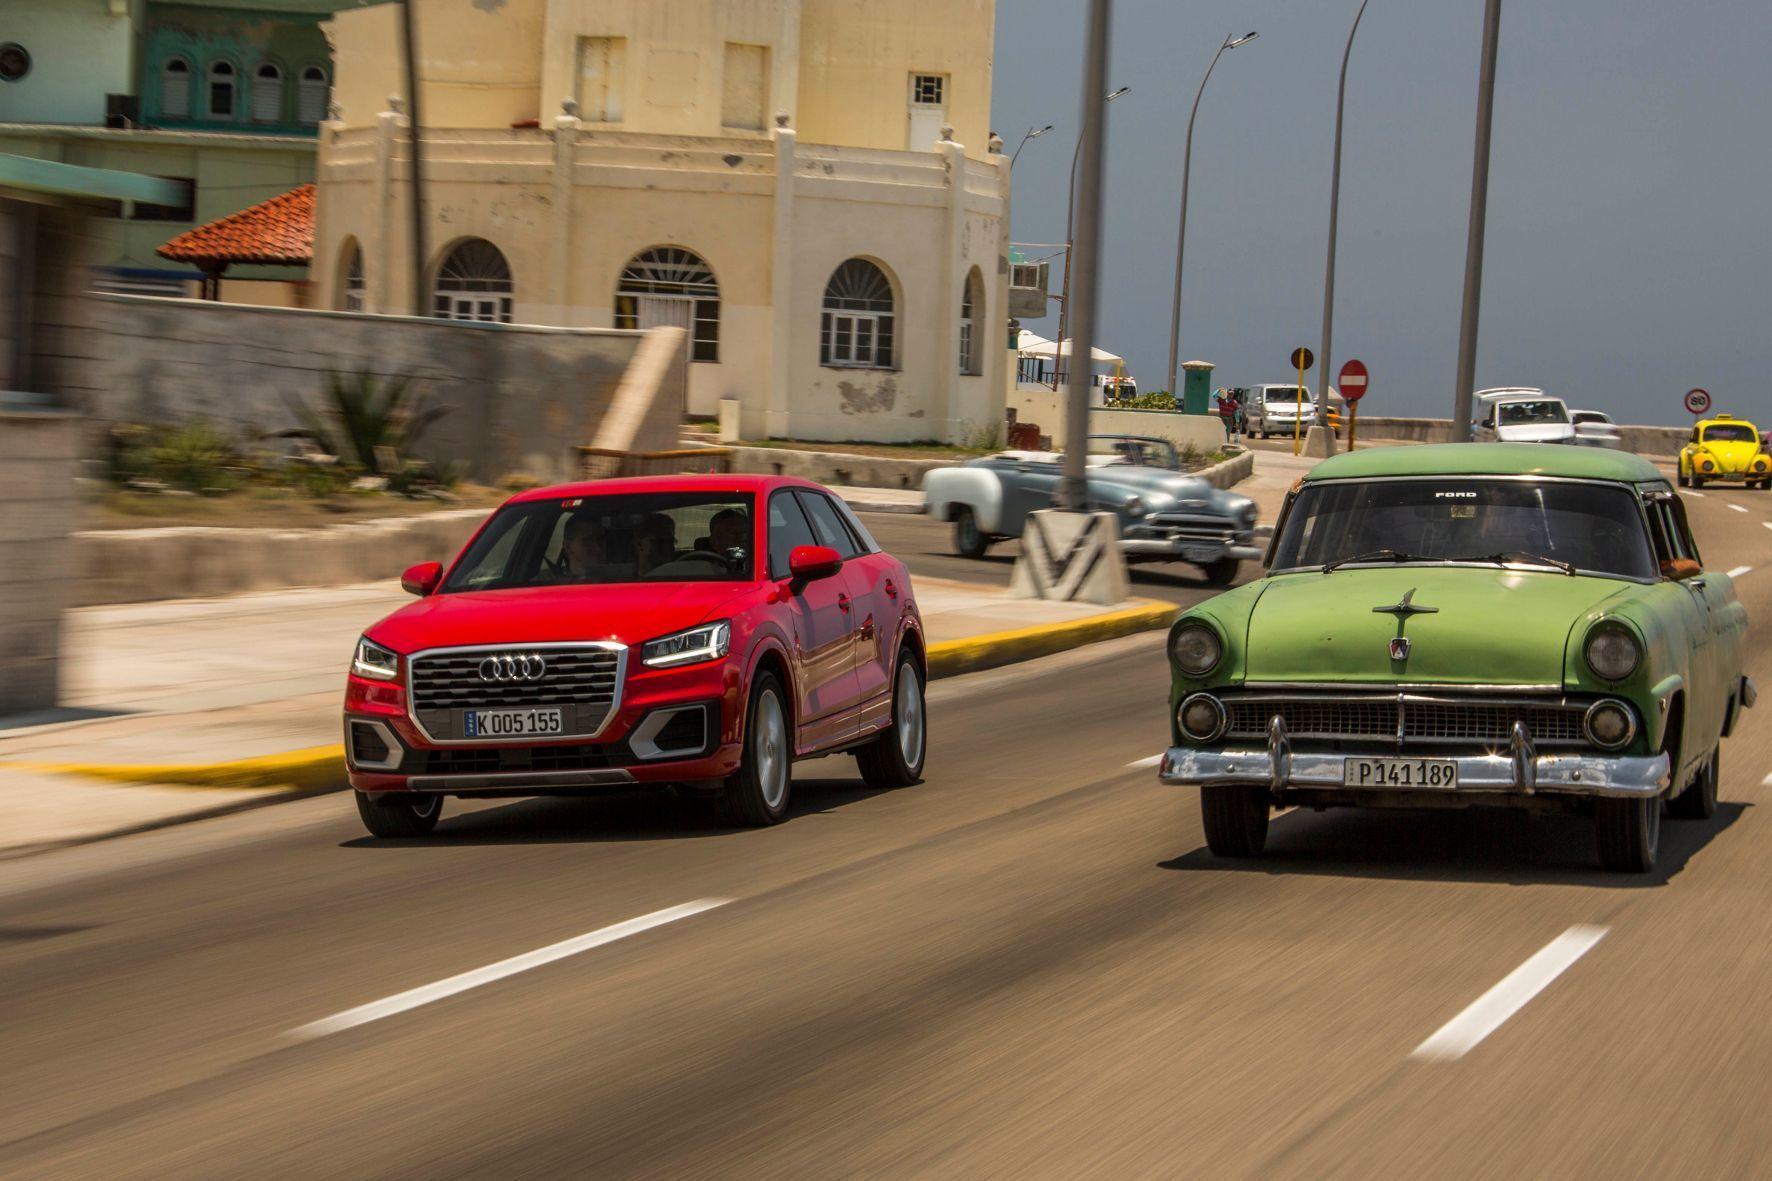 mid Havanna - Gegensätze: Auf Kubas Straßen scheint die Zeit Ende der 1950er-Jahre stehen geblieben zu sein. Da erscheint der neue Audi Q2 fast wie ein Alien.